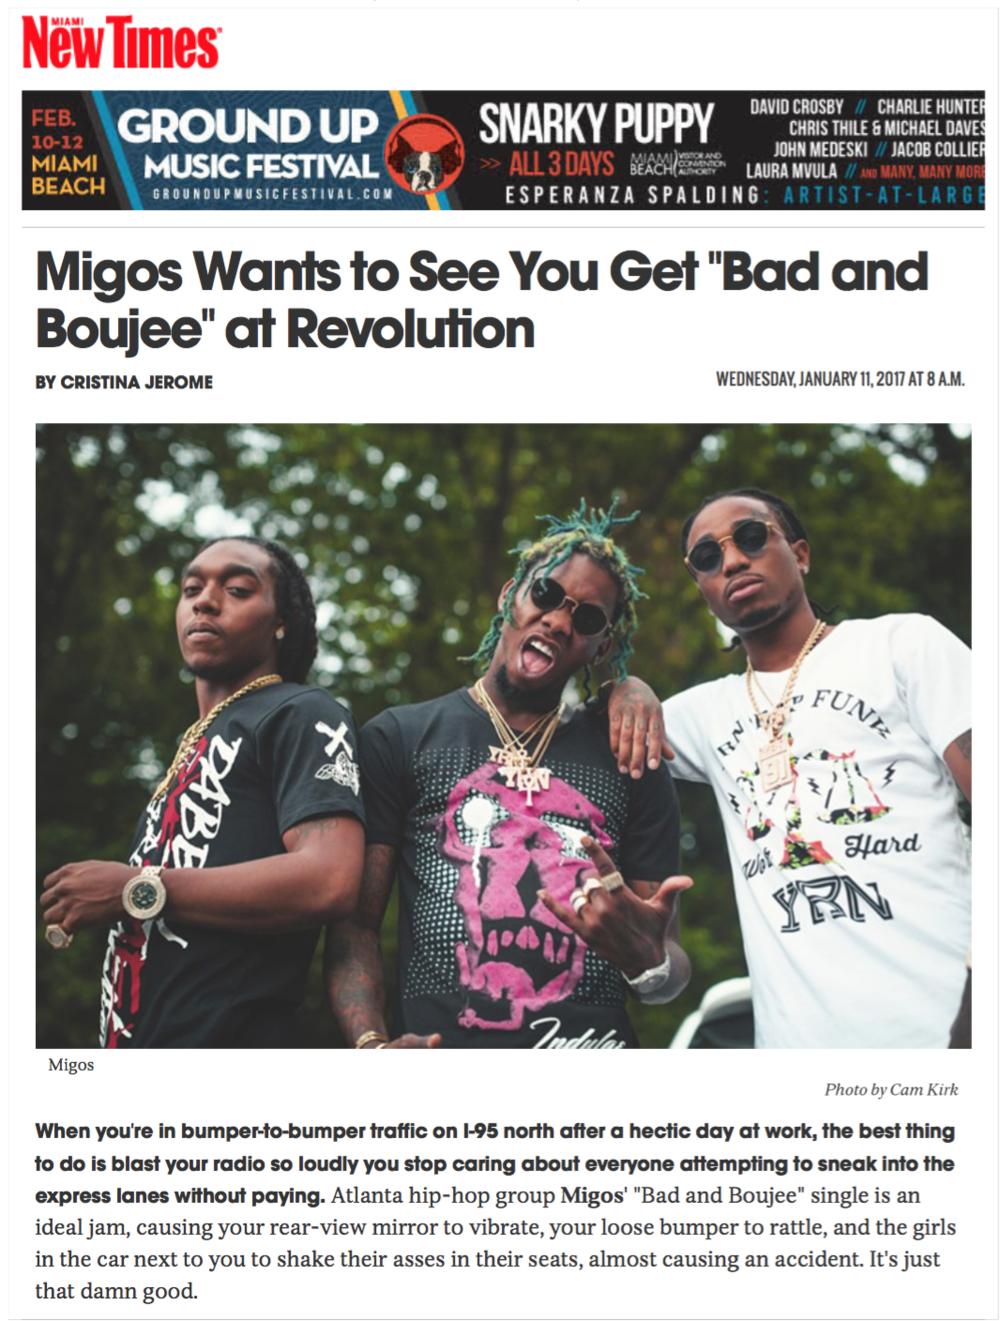 Migos at Revolution Live